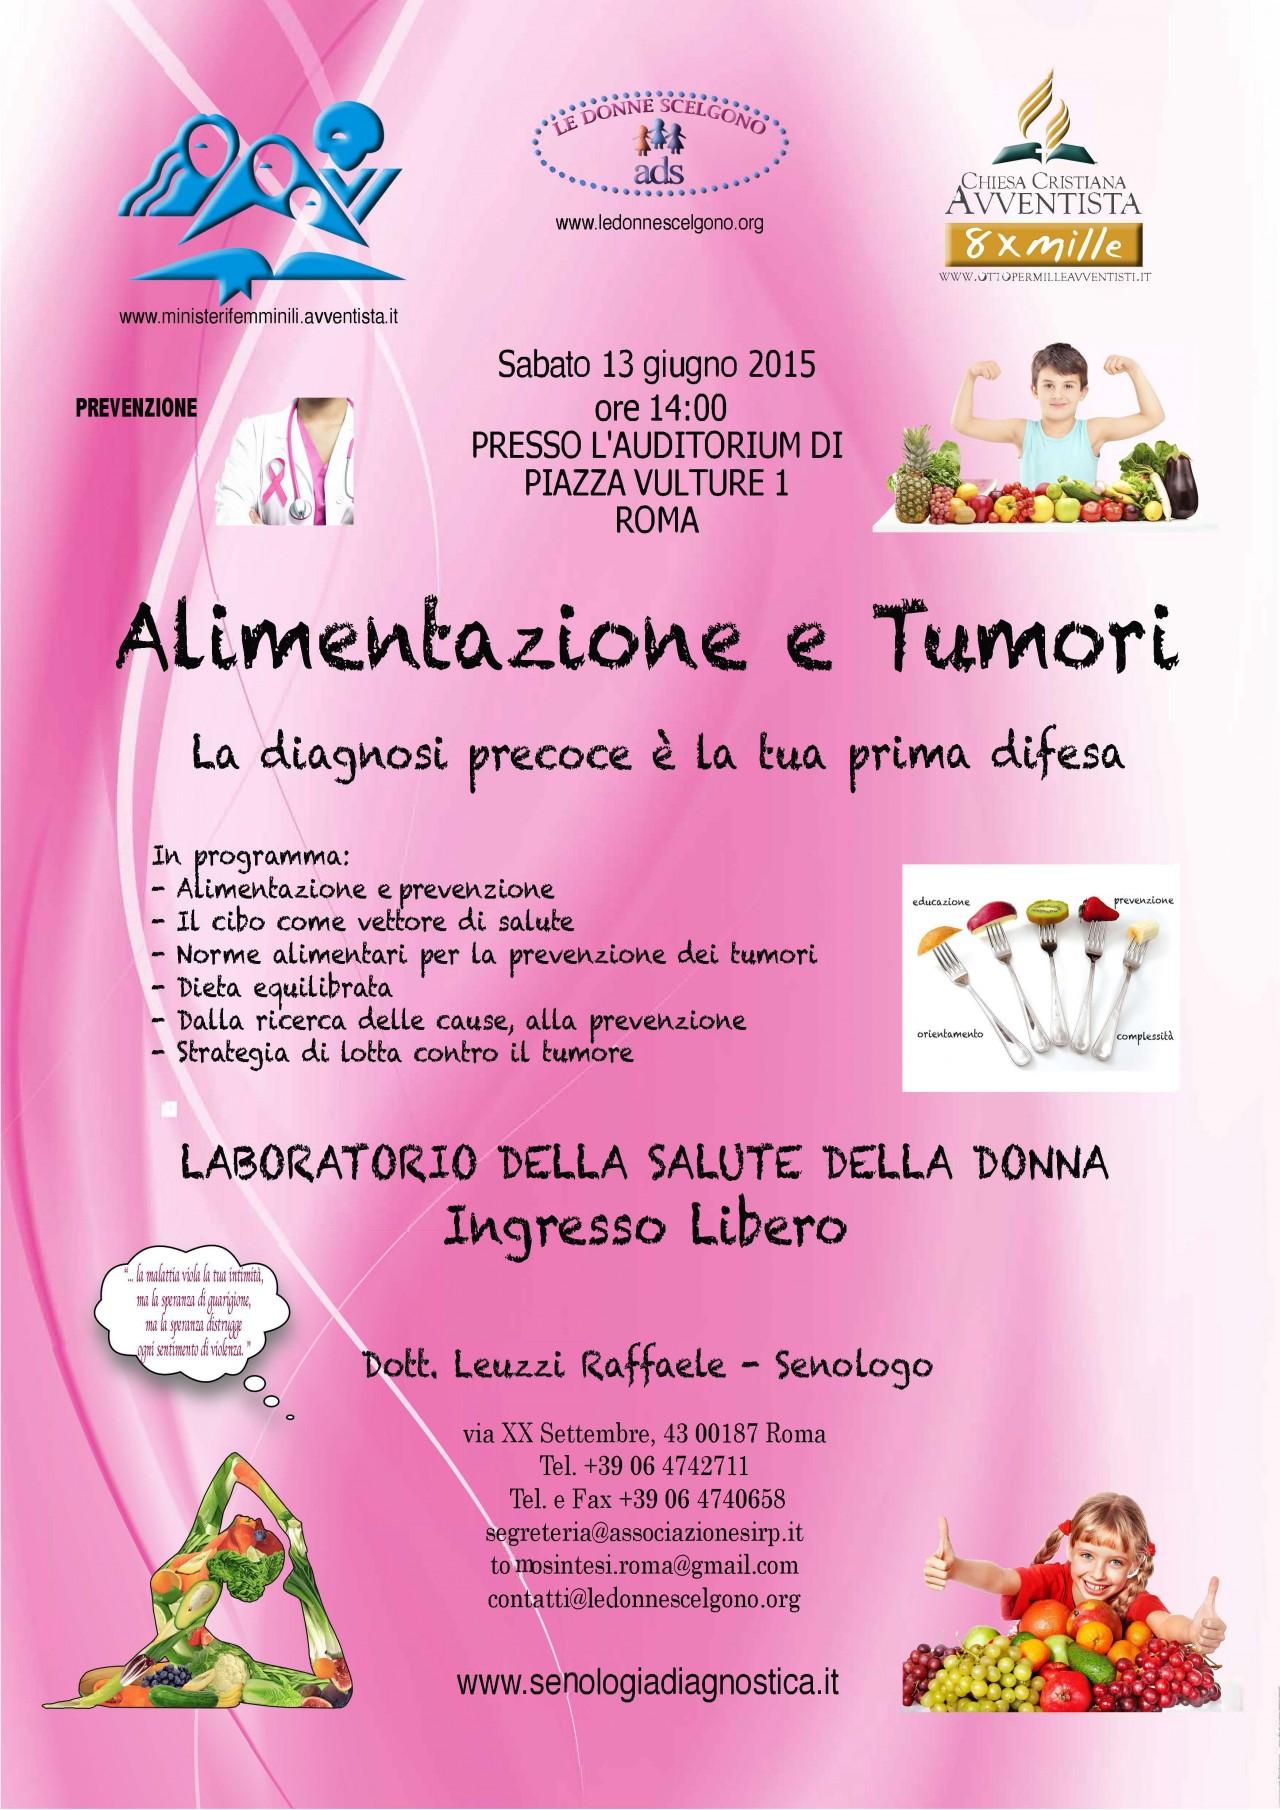 Alimentazione e tumori - dr. Leuzzi ok.jpg